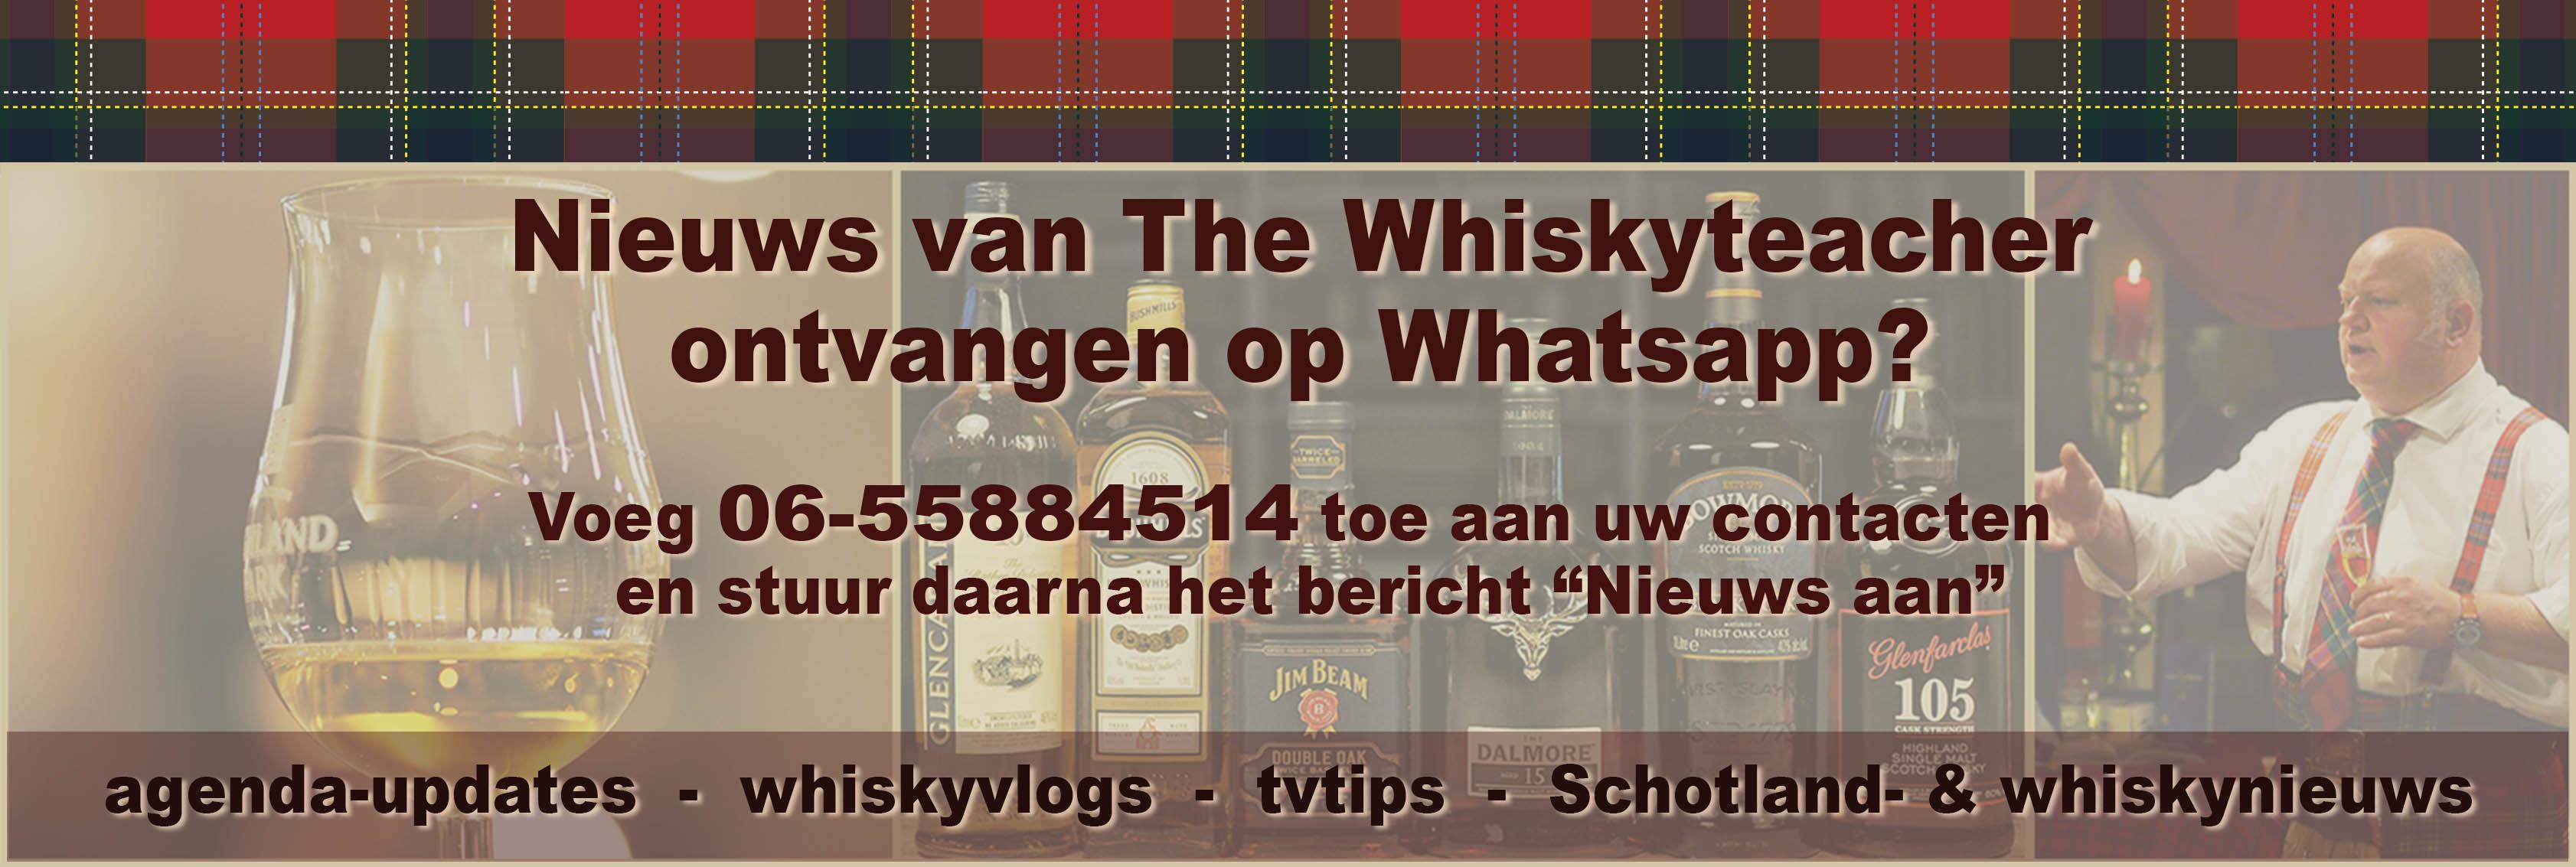 whiskyproeverij - whiskyvlog - schotland - Henri Goossen - whiskyteacher - tvtips - bedrijfsfeest